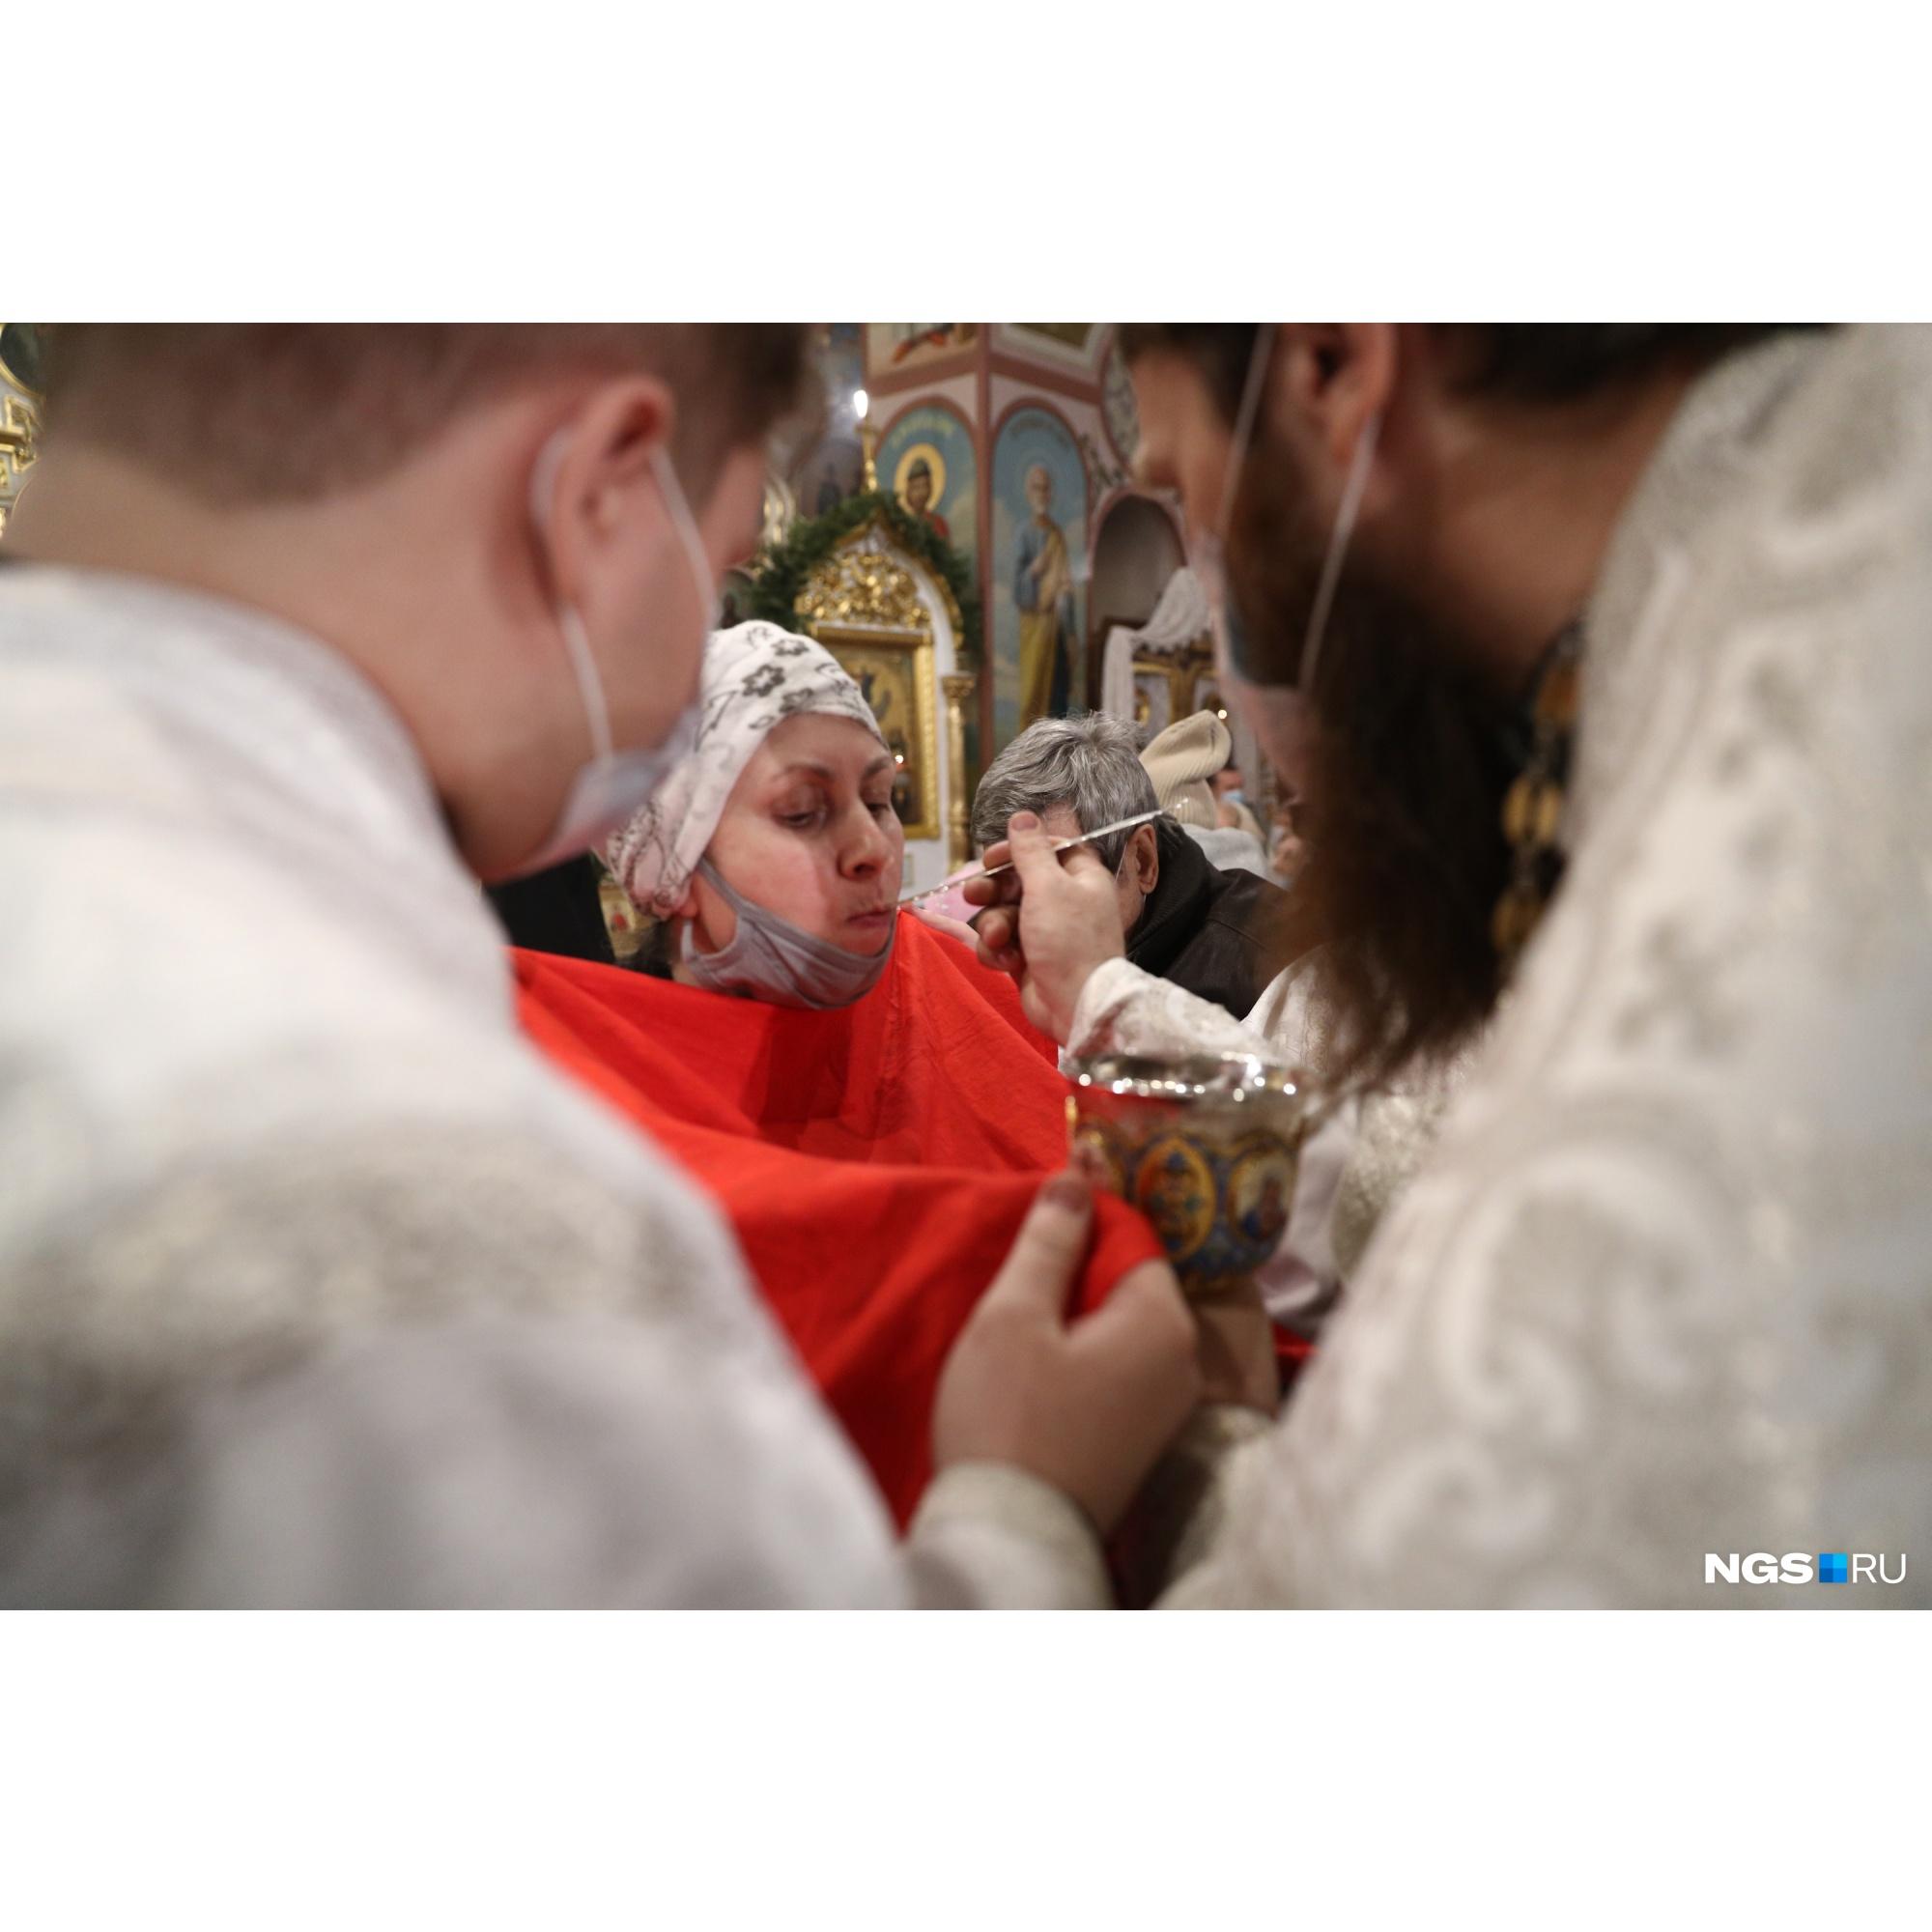 Причащение традиционно происходит после богослужения